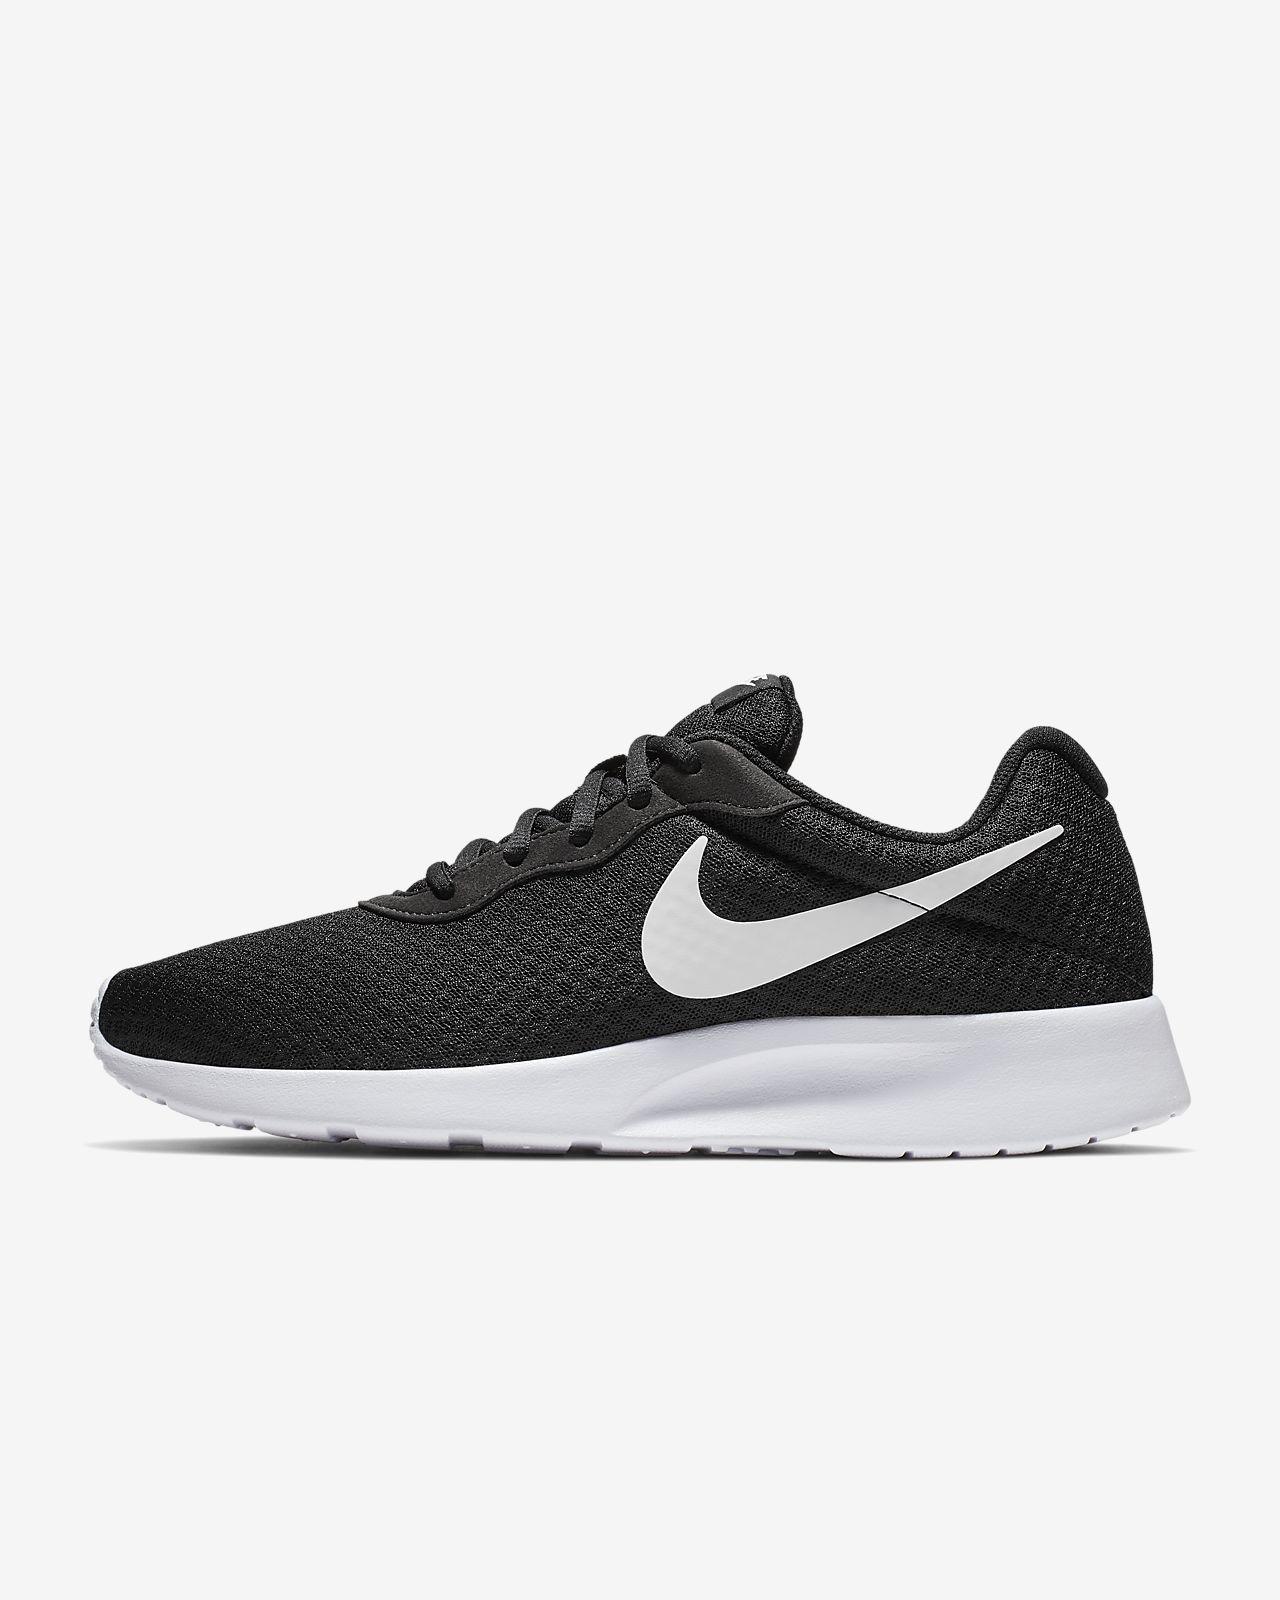 brand new e522f 0c087 ... Calzado para hombre Nike Tanjun